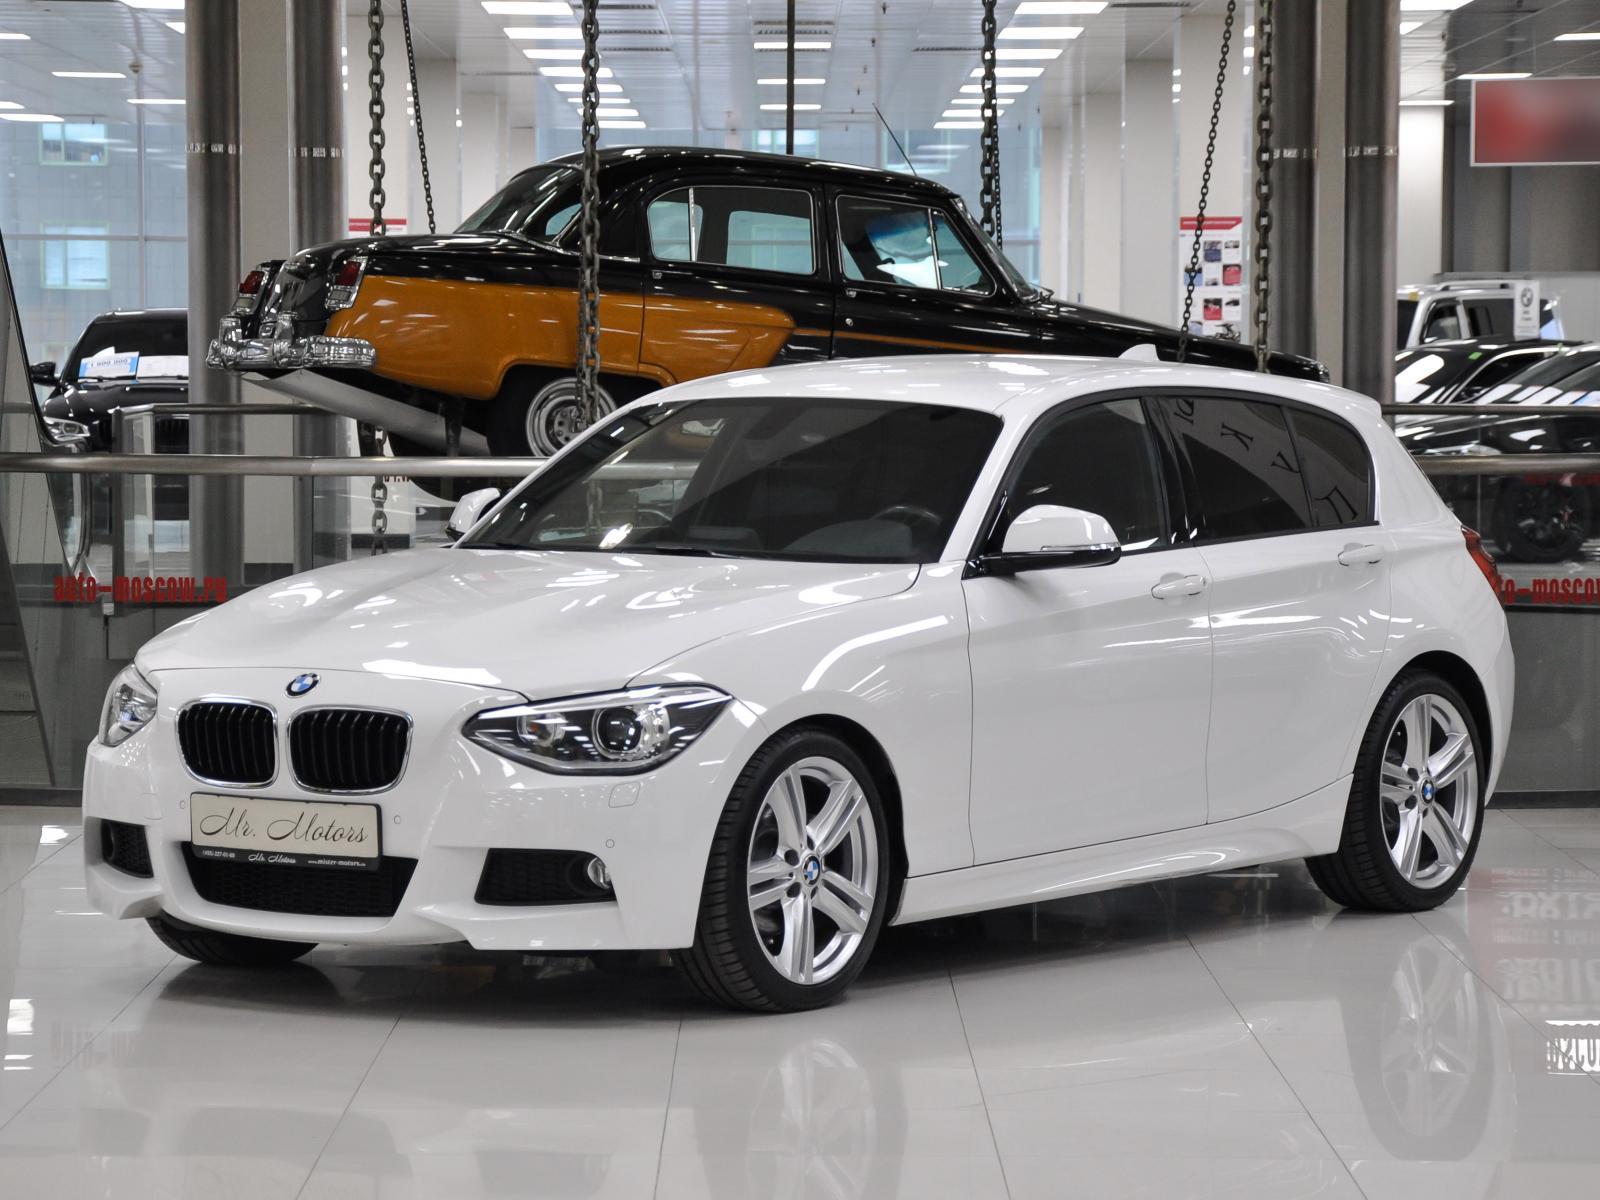 BMW 1 серия с пробегом в Москве. Автомобильная компания Mr.Motors